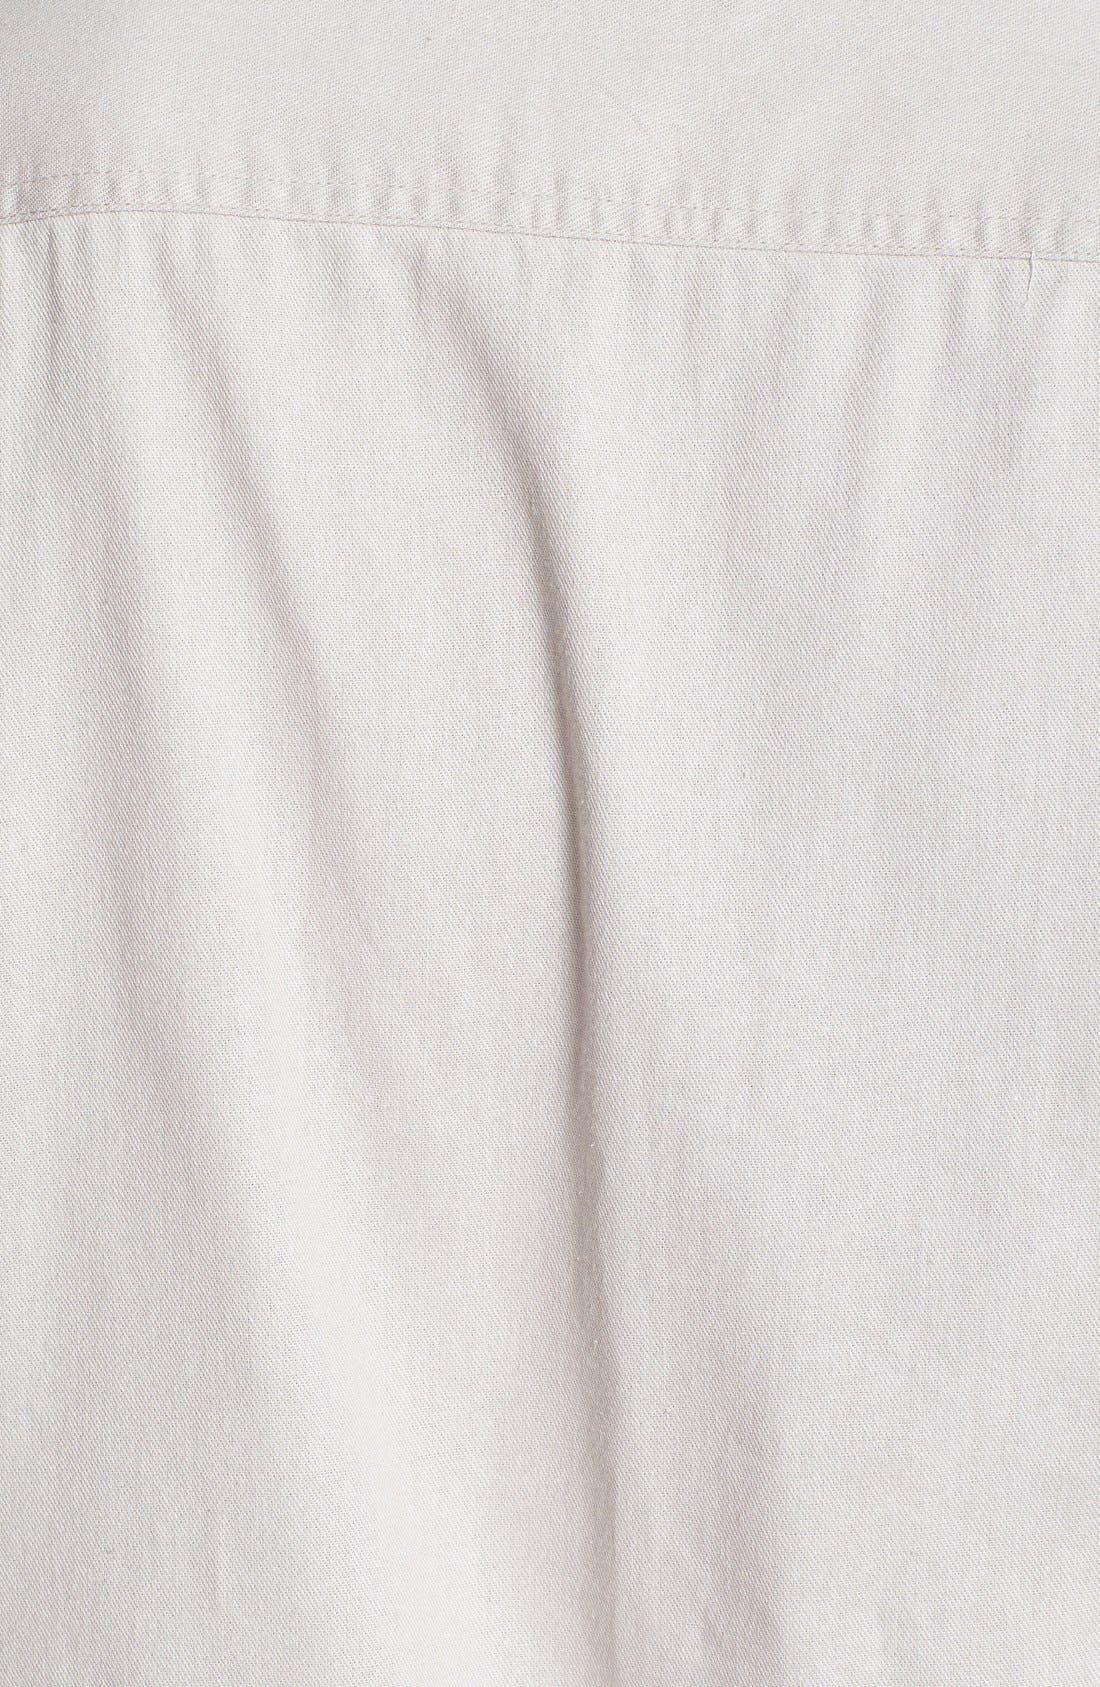 TOPMAN,                             Contrast Trim Short Sleeve Cotton Shirt,                             Alternate thumbnail 6, color,                             020